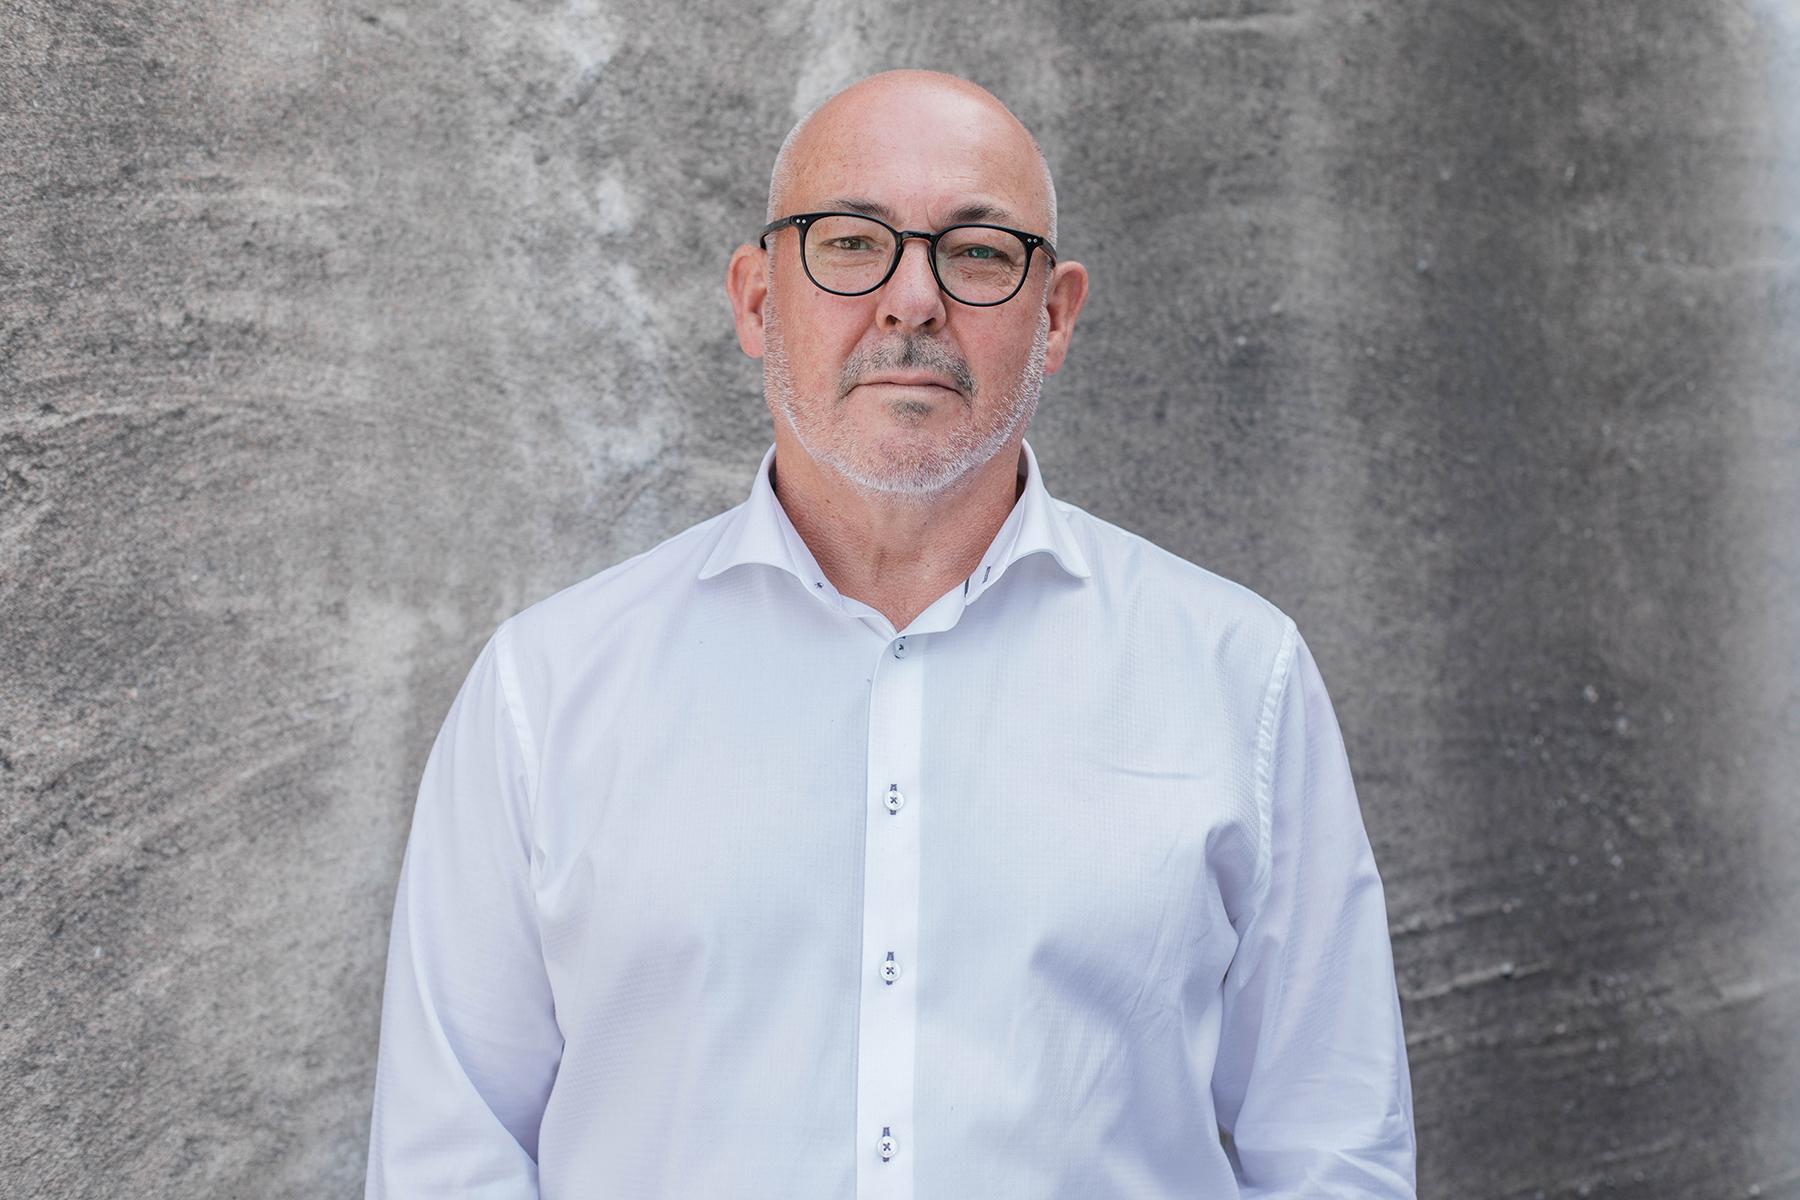 Stein Kvalsund - CEOMobile: +47 976 98 785E-mail: stein@hubforocean.no